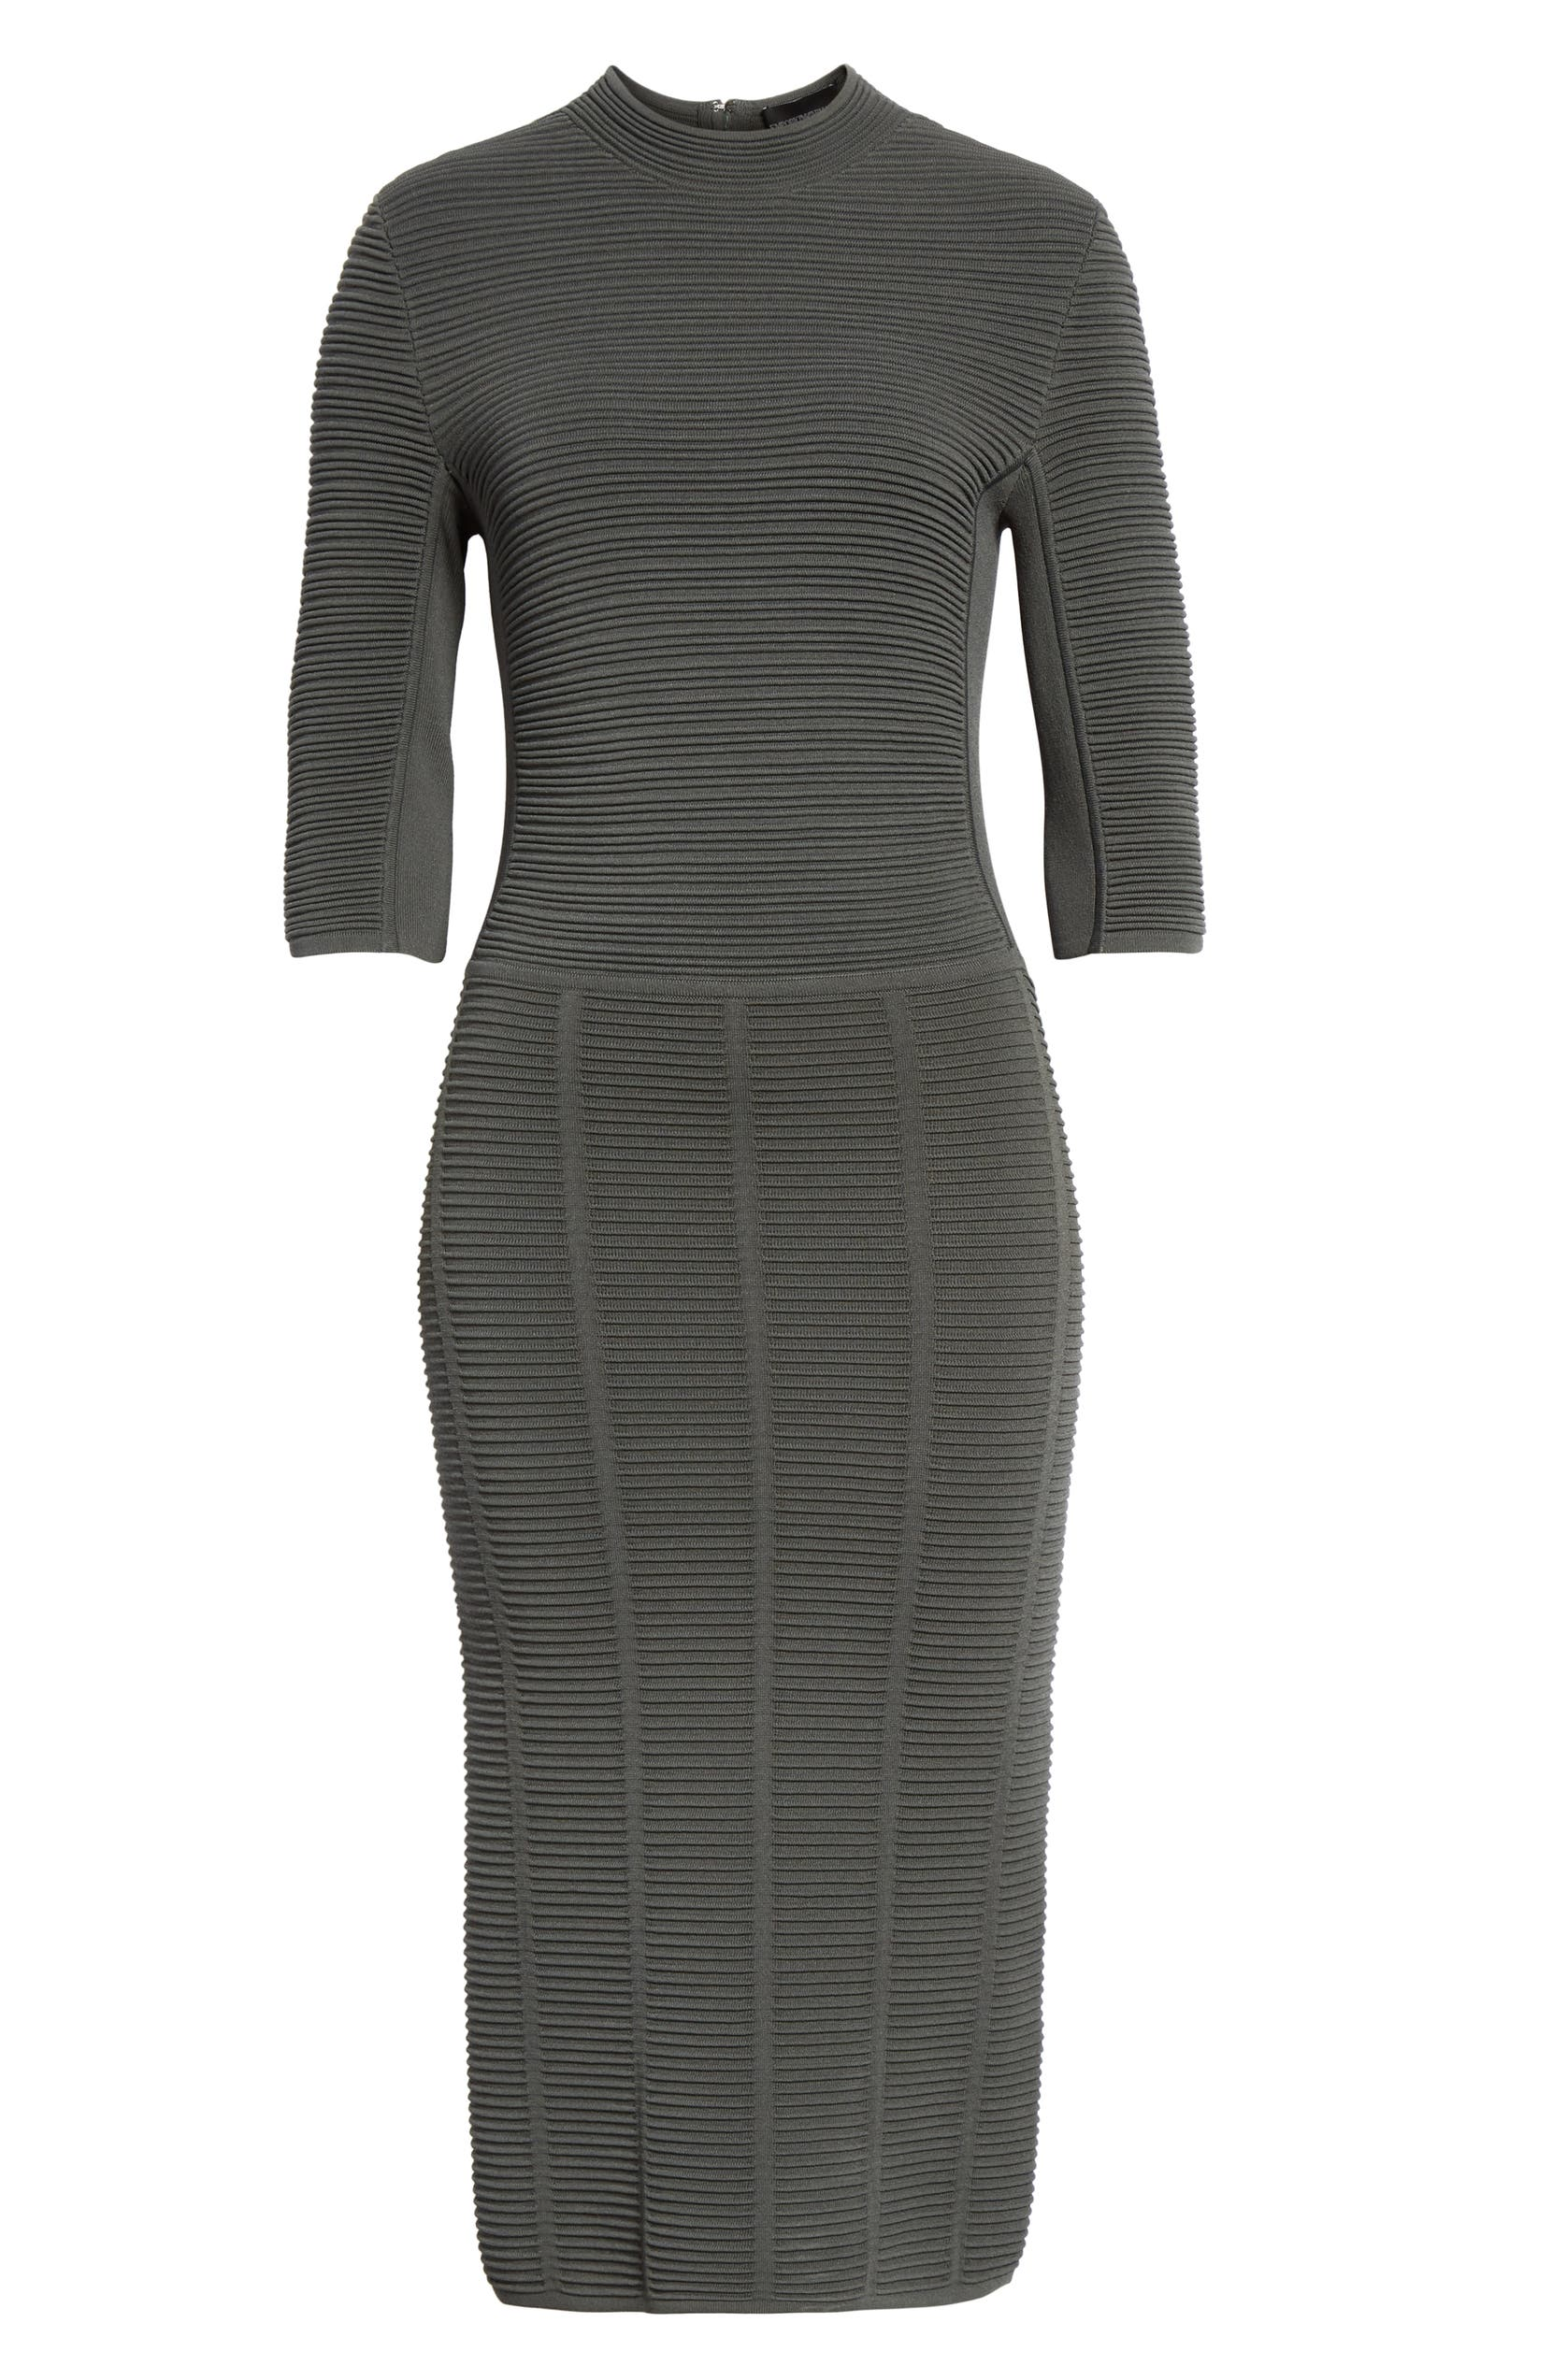 7b3b999969f9c Emporio Armani Ottoman Body-Con Sweater Dress | Nordstrom